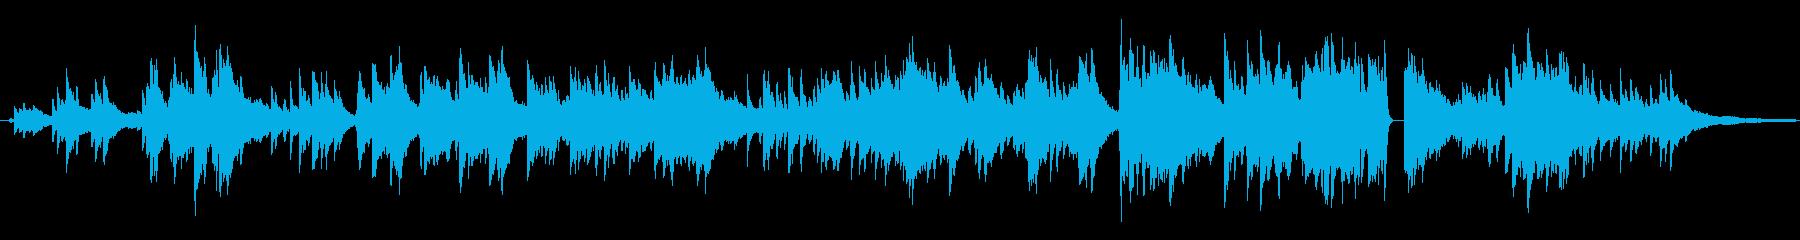 以上終り!エンドロールに ■ ピアノソロの再生済みの波形